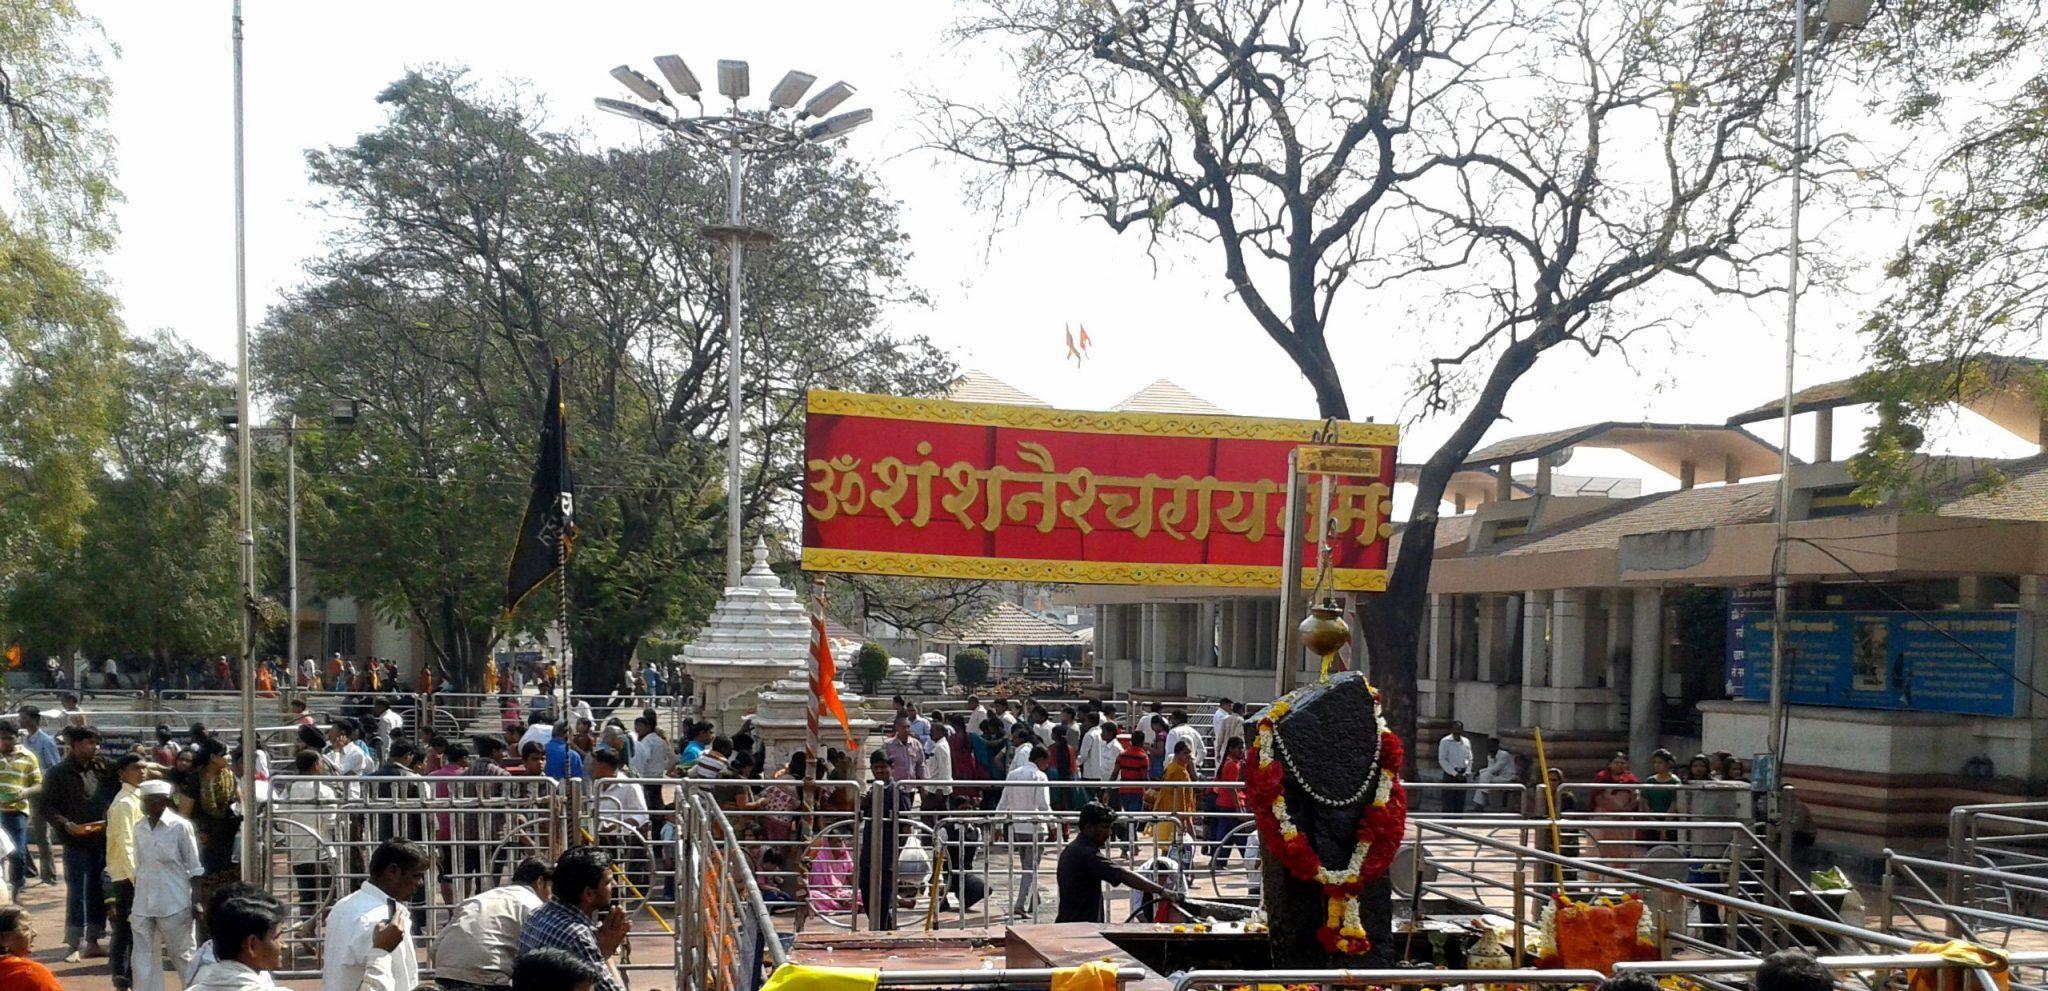 Shri Shaneshwar Devasthan at Shani Shingnapur, Maharashtra